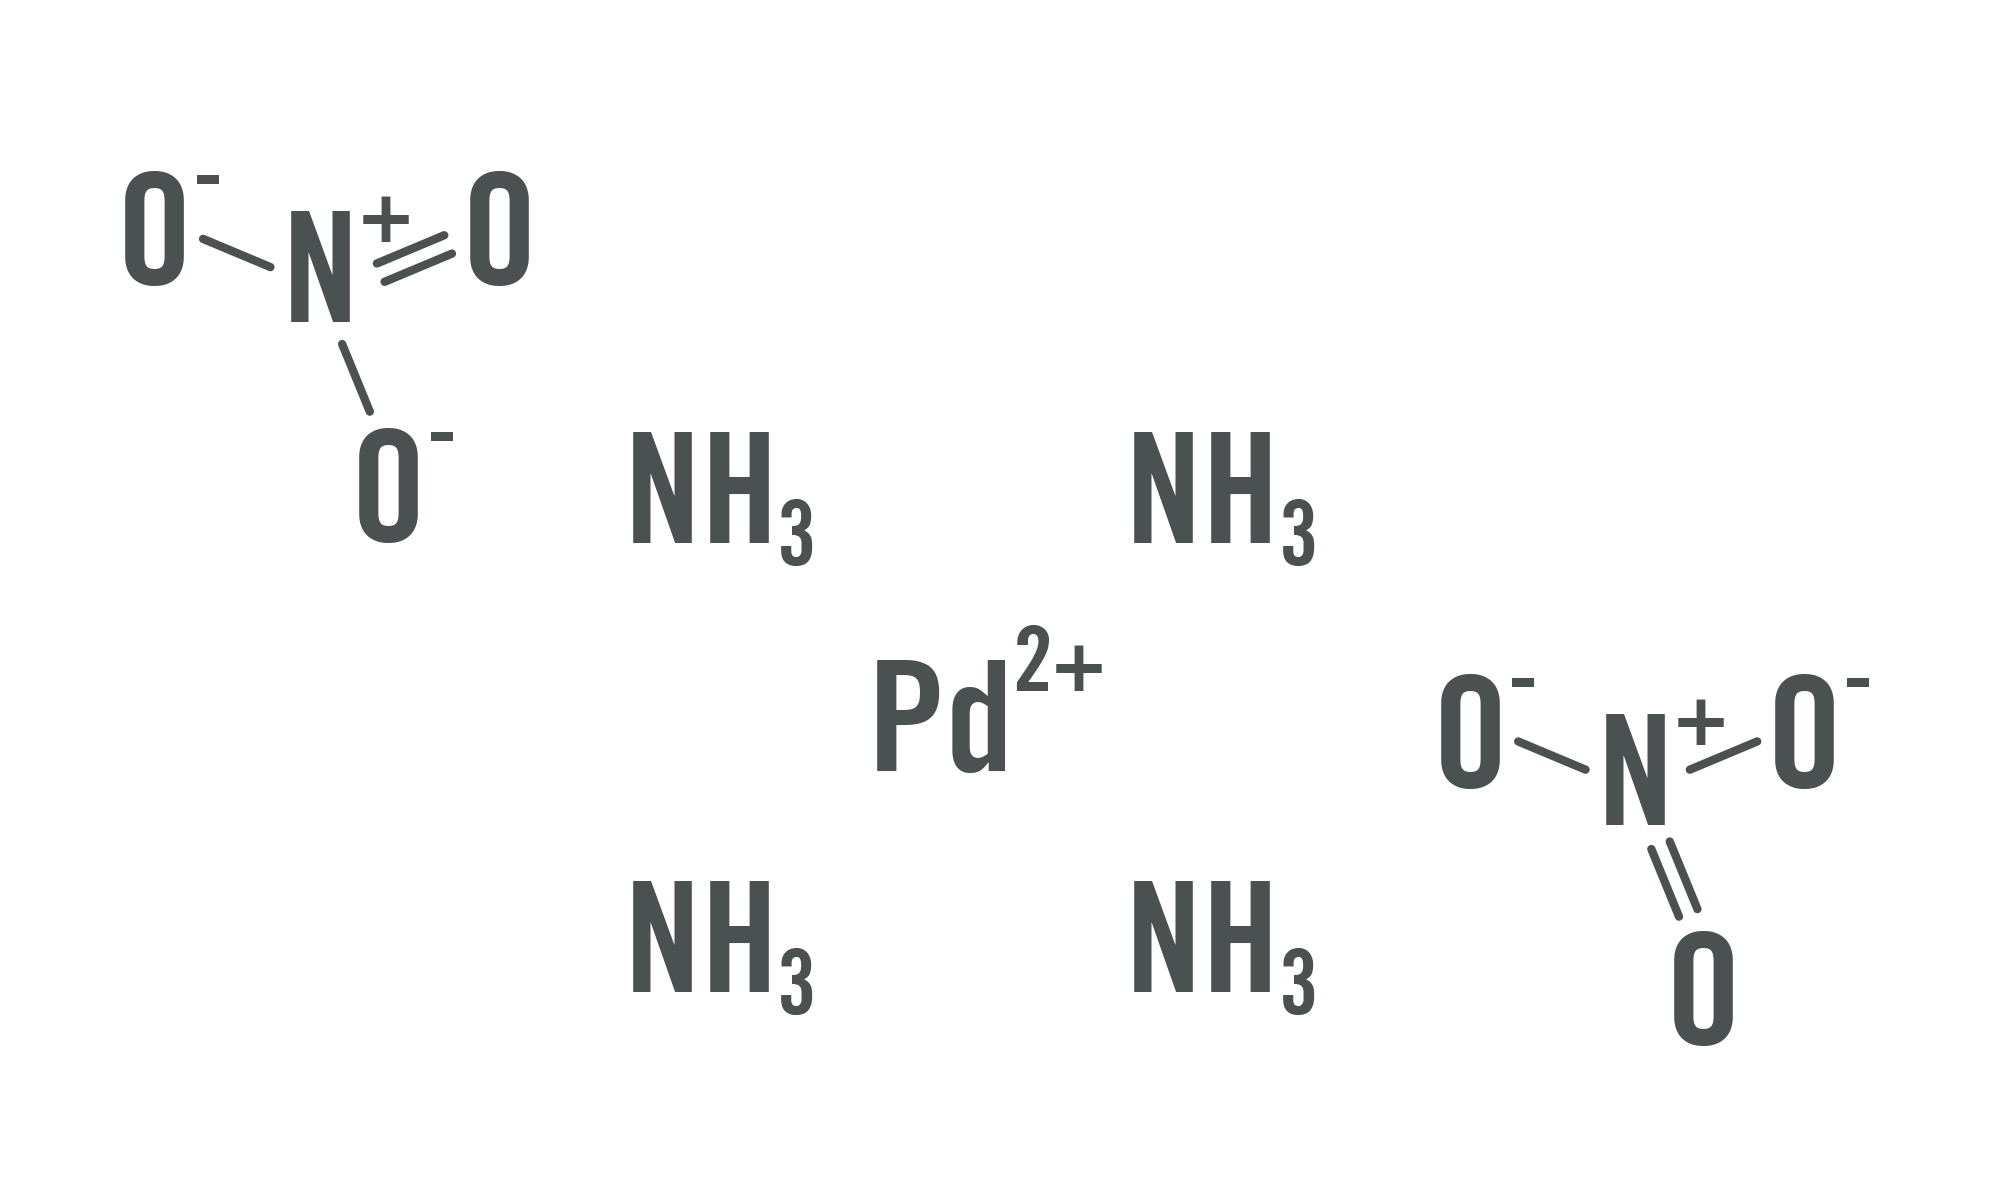 Tetraamminepalladium(II)